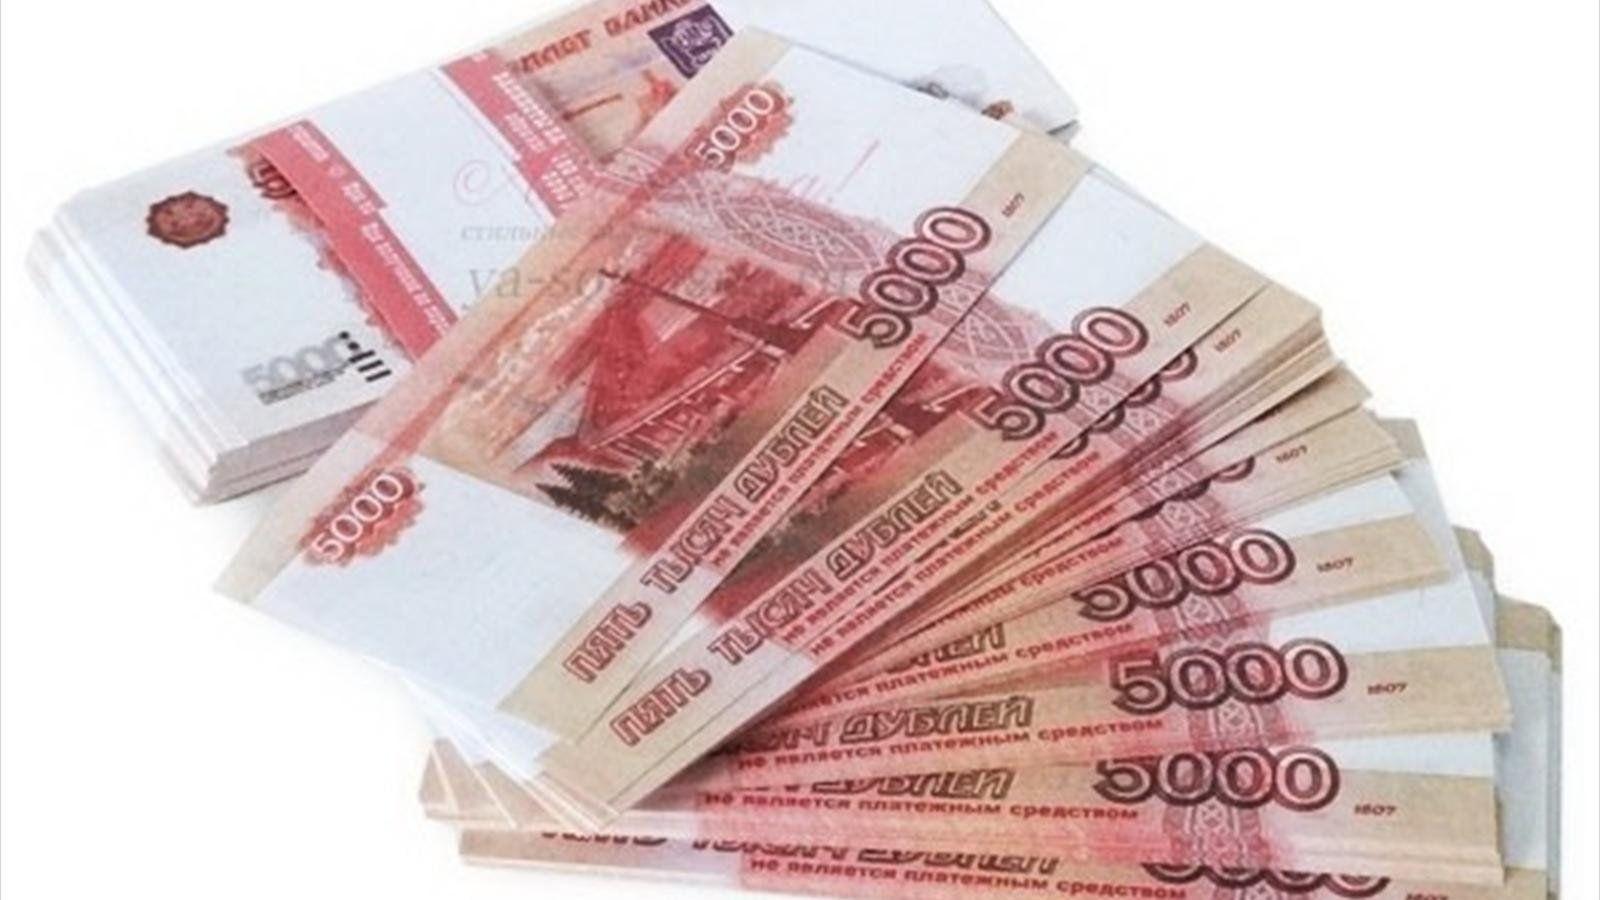 Пачки рублей обои для рабочего стола